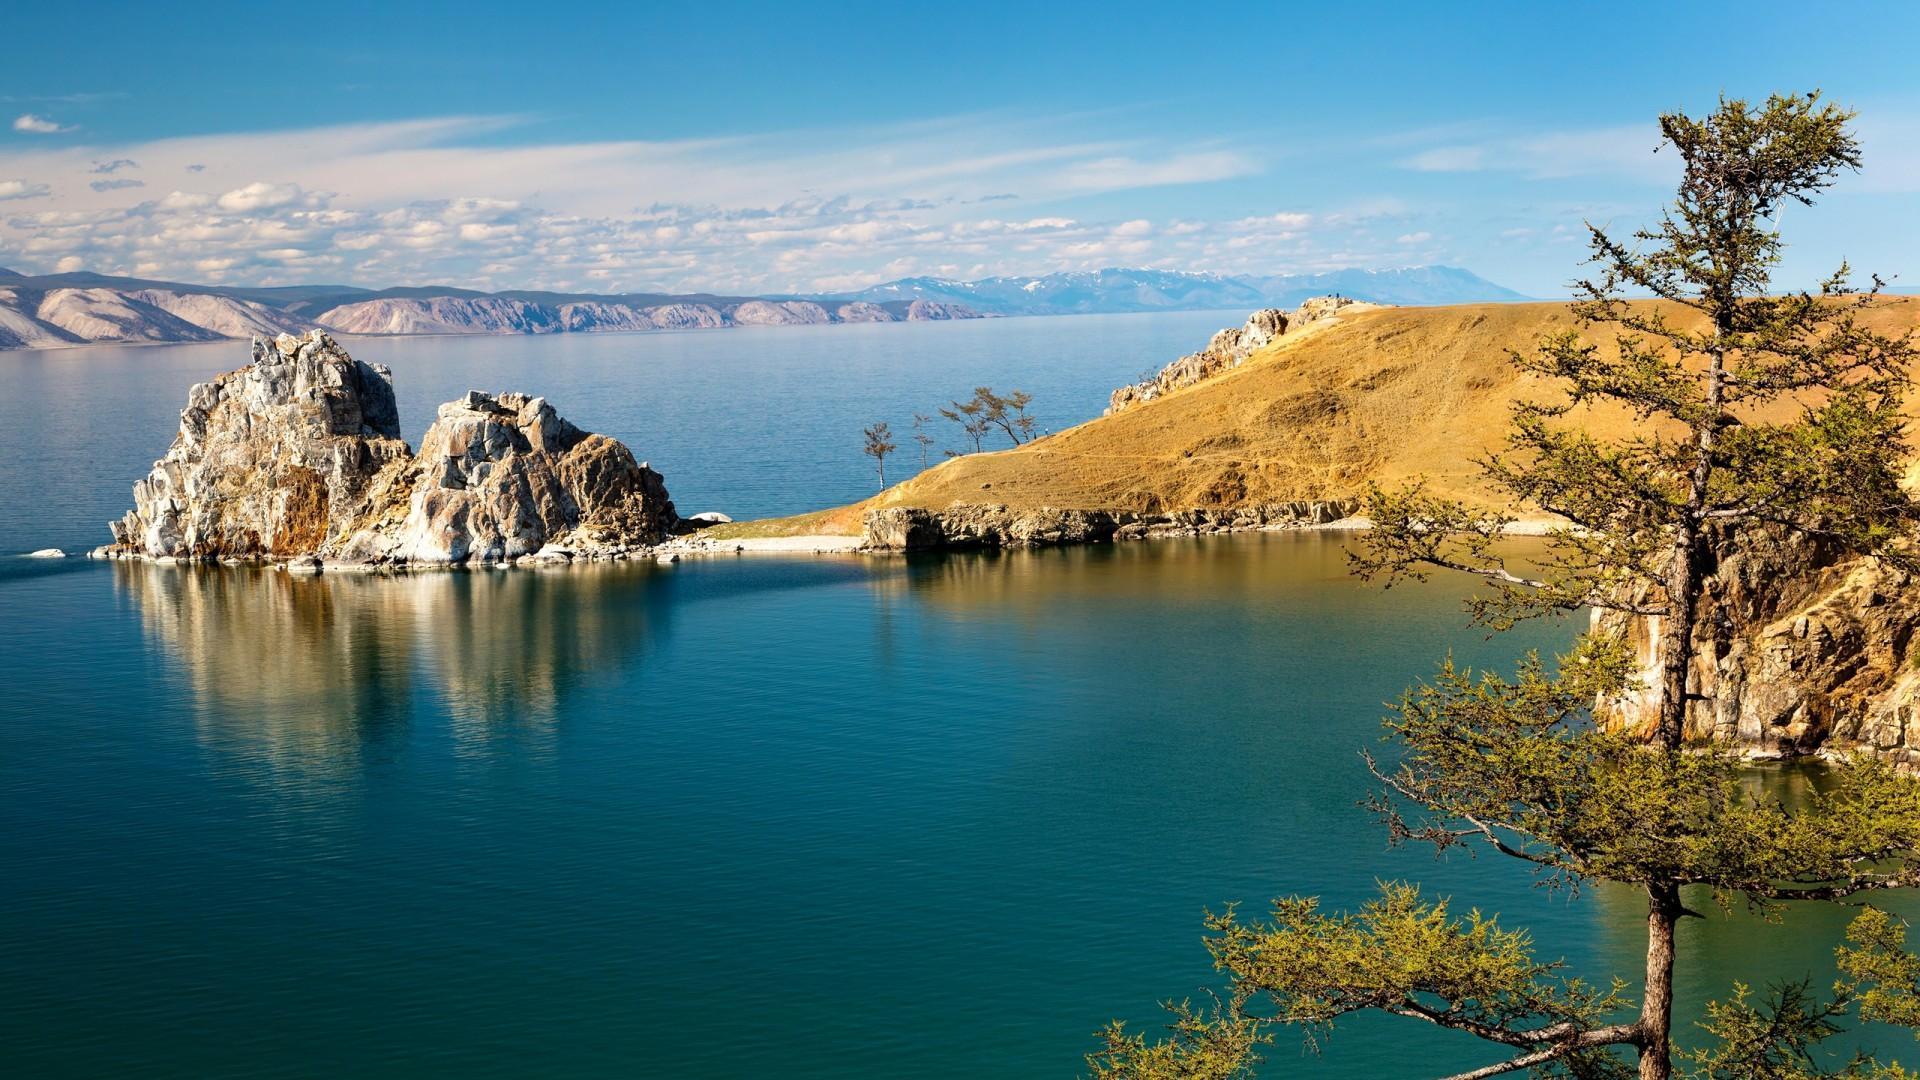 曾经的清朝北海、如今的贝加尔湖, 问当地人准备还给我们吗